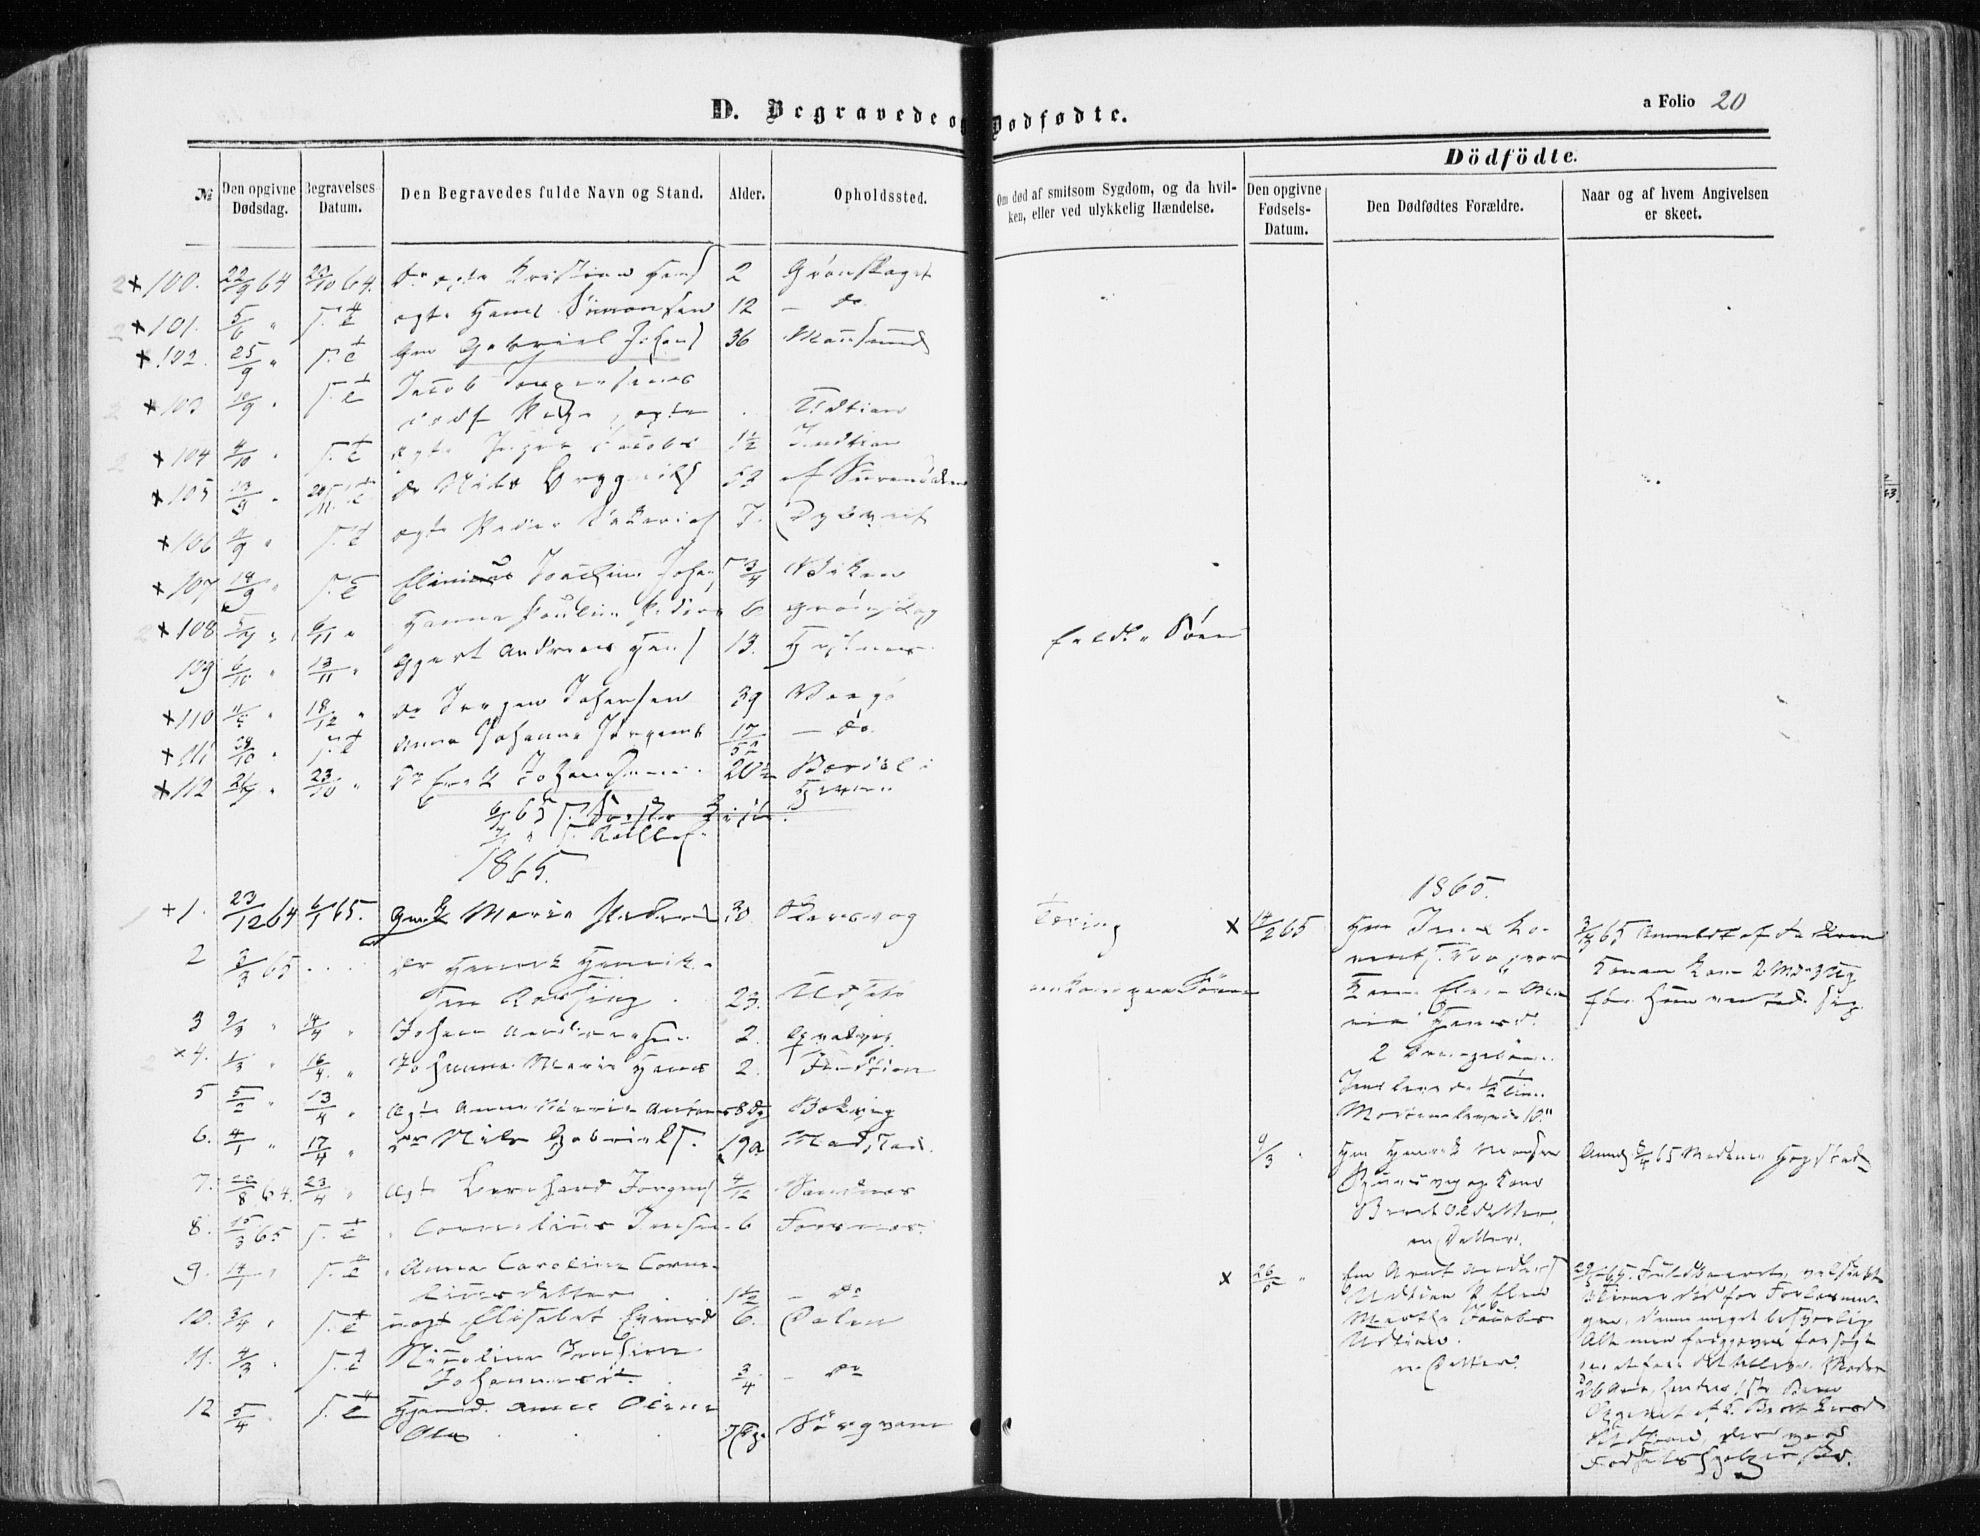 SAT, Ministerialprotokoller, klokkerbøker og fødselsregistre - Sør-Trøndelag, 634/L0531: Ministerialbok nr. 634A07, 1861-1870, s. 20